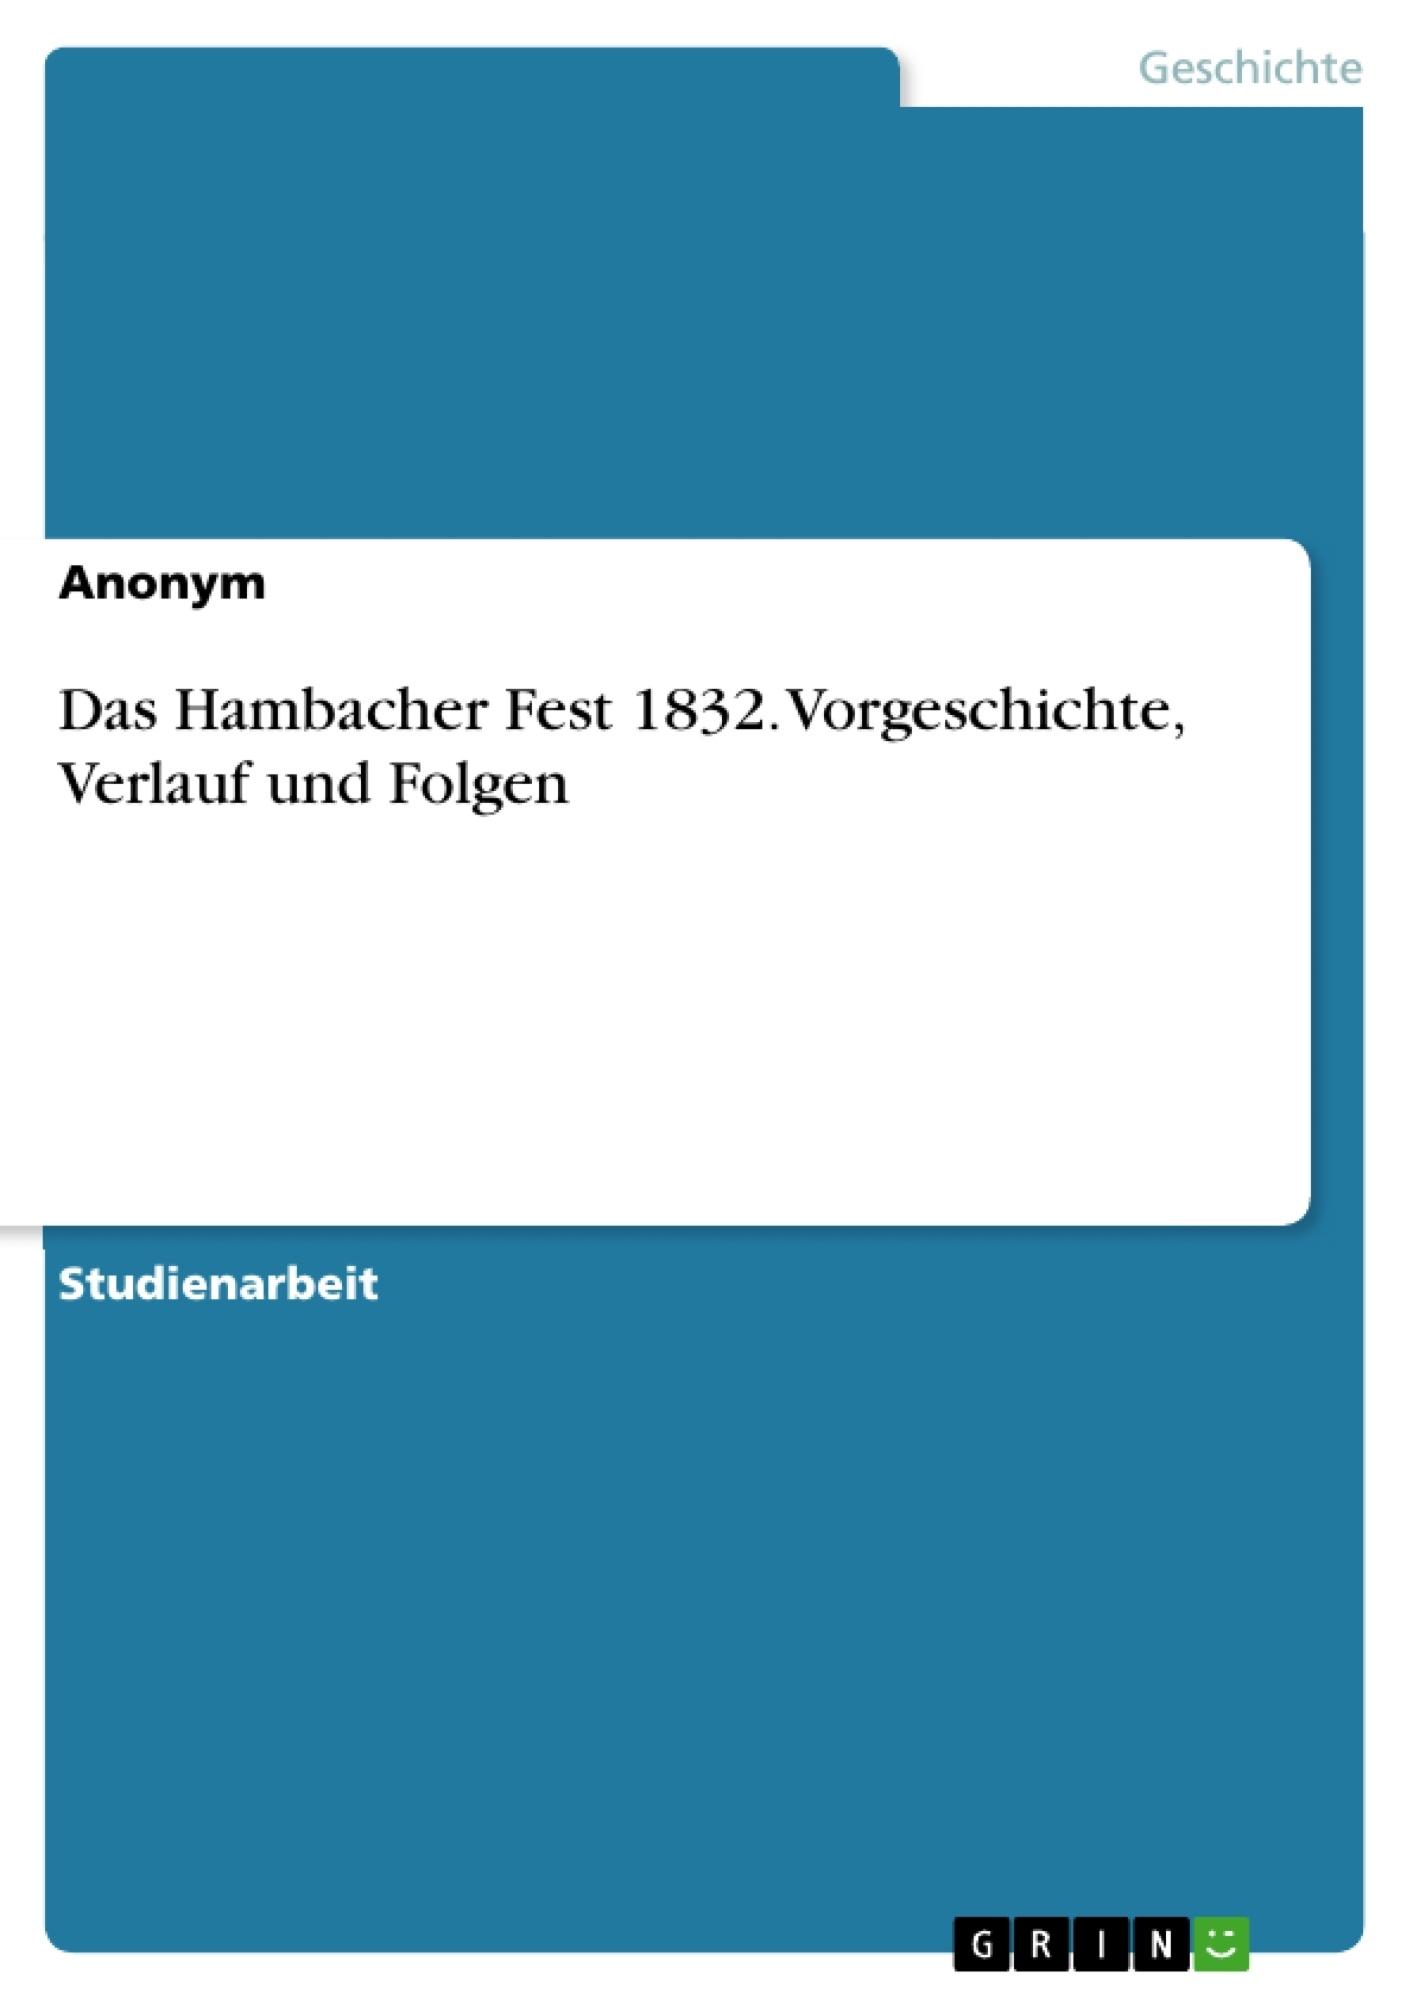 Titel: Das Hambacher Fest 1832. Vorgeschichte, Verlauf und Folgen